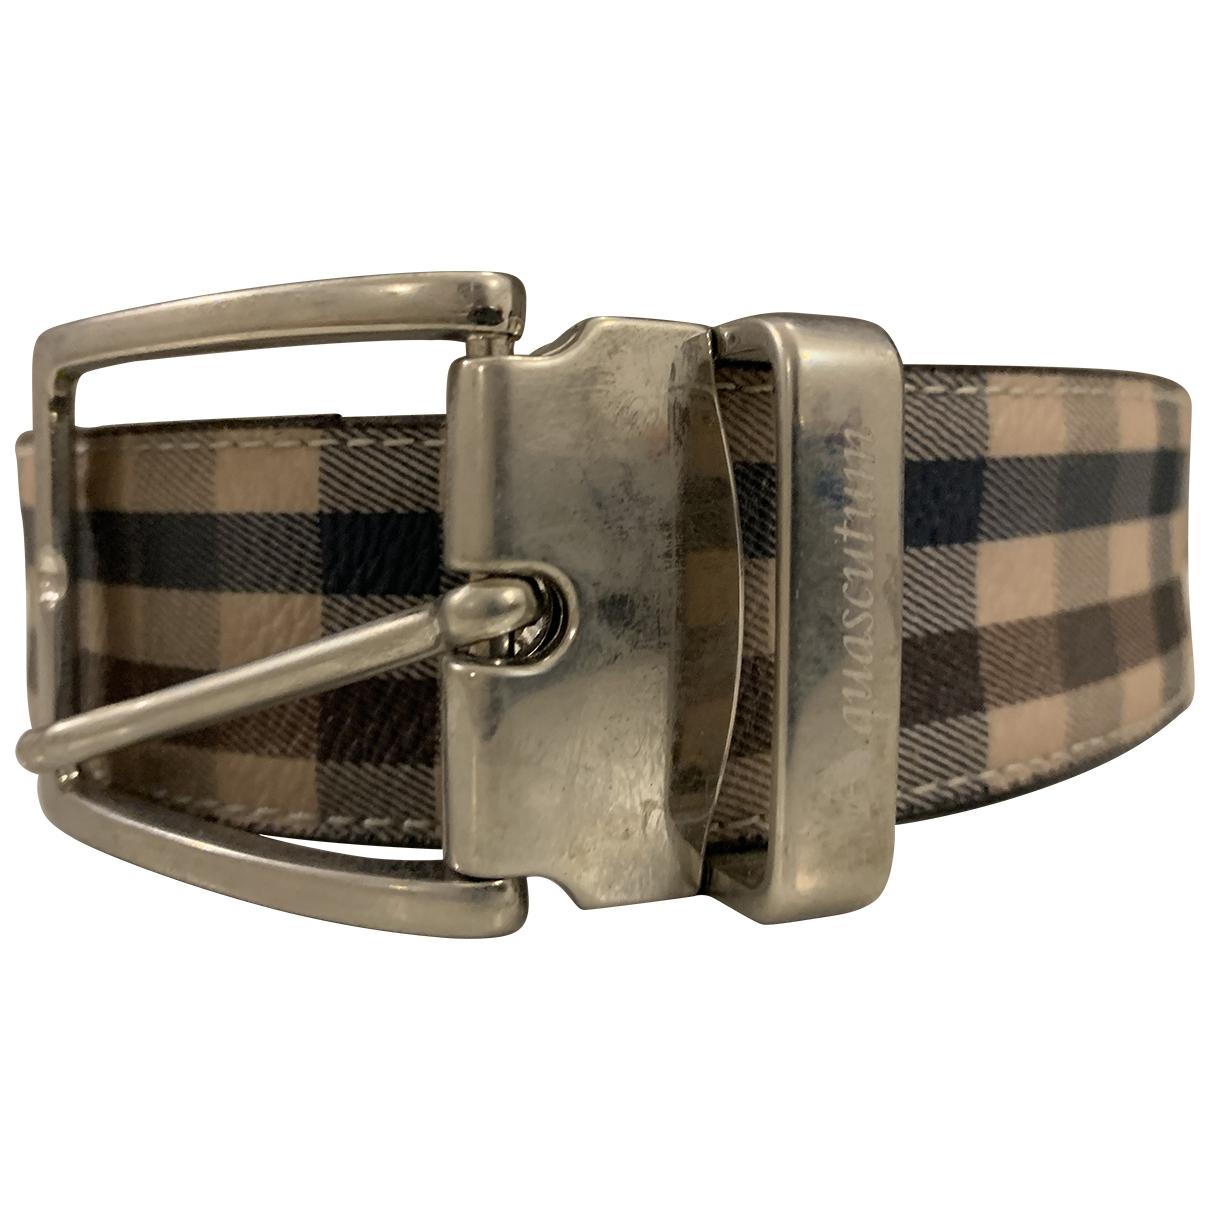 Cinturon de Lona Aquascutum